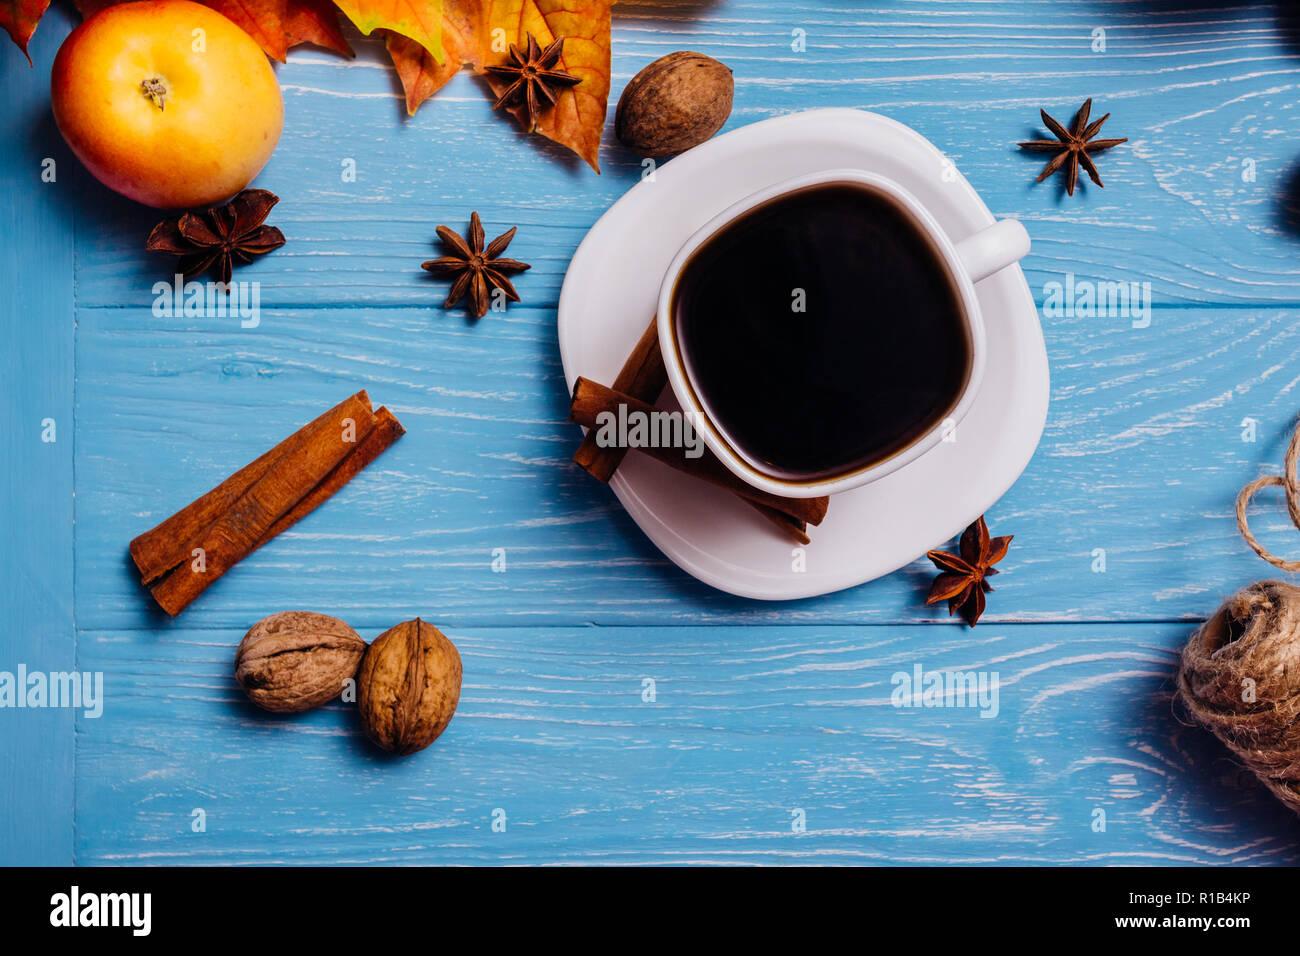 Nero caffè in una tazza bianca su un piattino con cannella noce di anice e Apple su una superficie di colore blu Immagini Stock